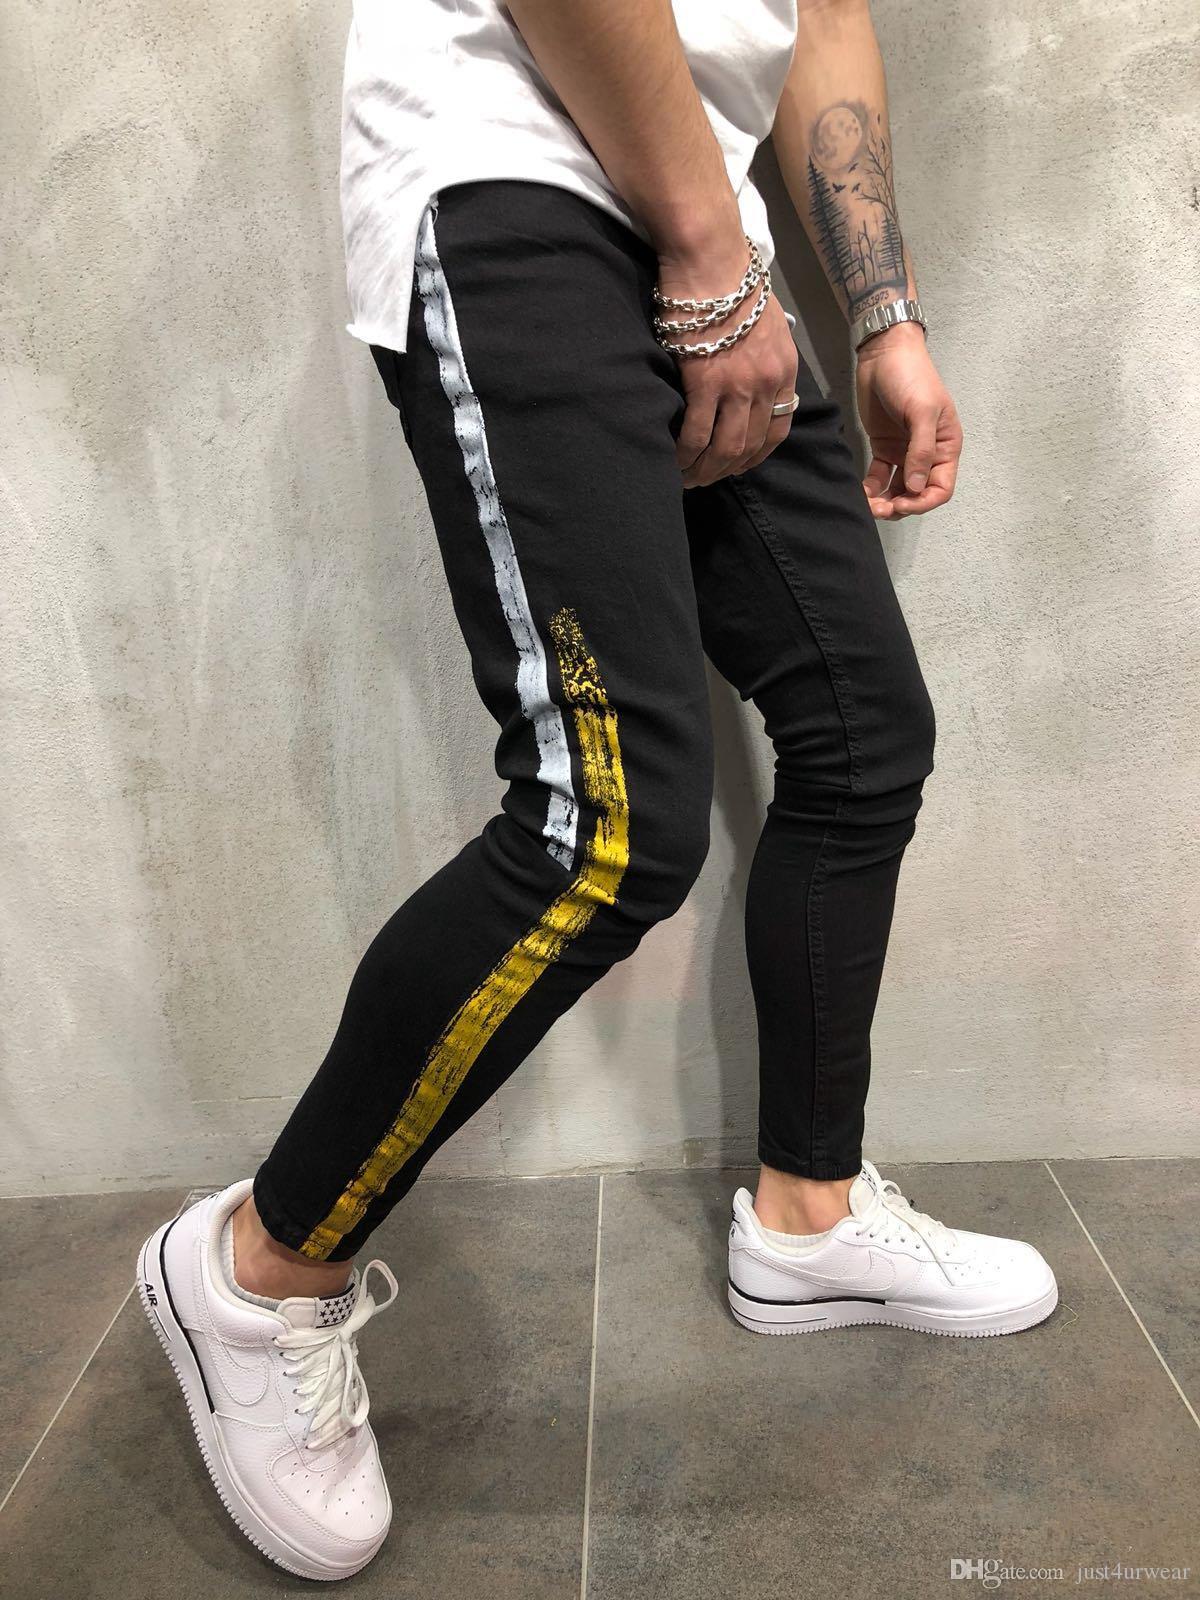 Mens Fashion High Street dünne Jeans Lange Hose Bleistift-Hosen-Seitenstreifendesign gewaschene Jeans der Männer Hip Hop-Denim-Hosen Jeans